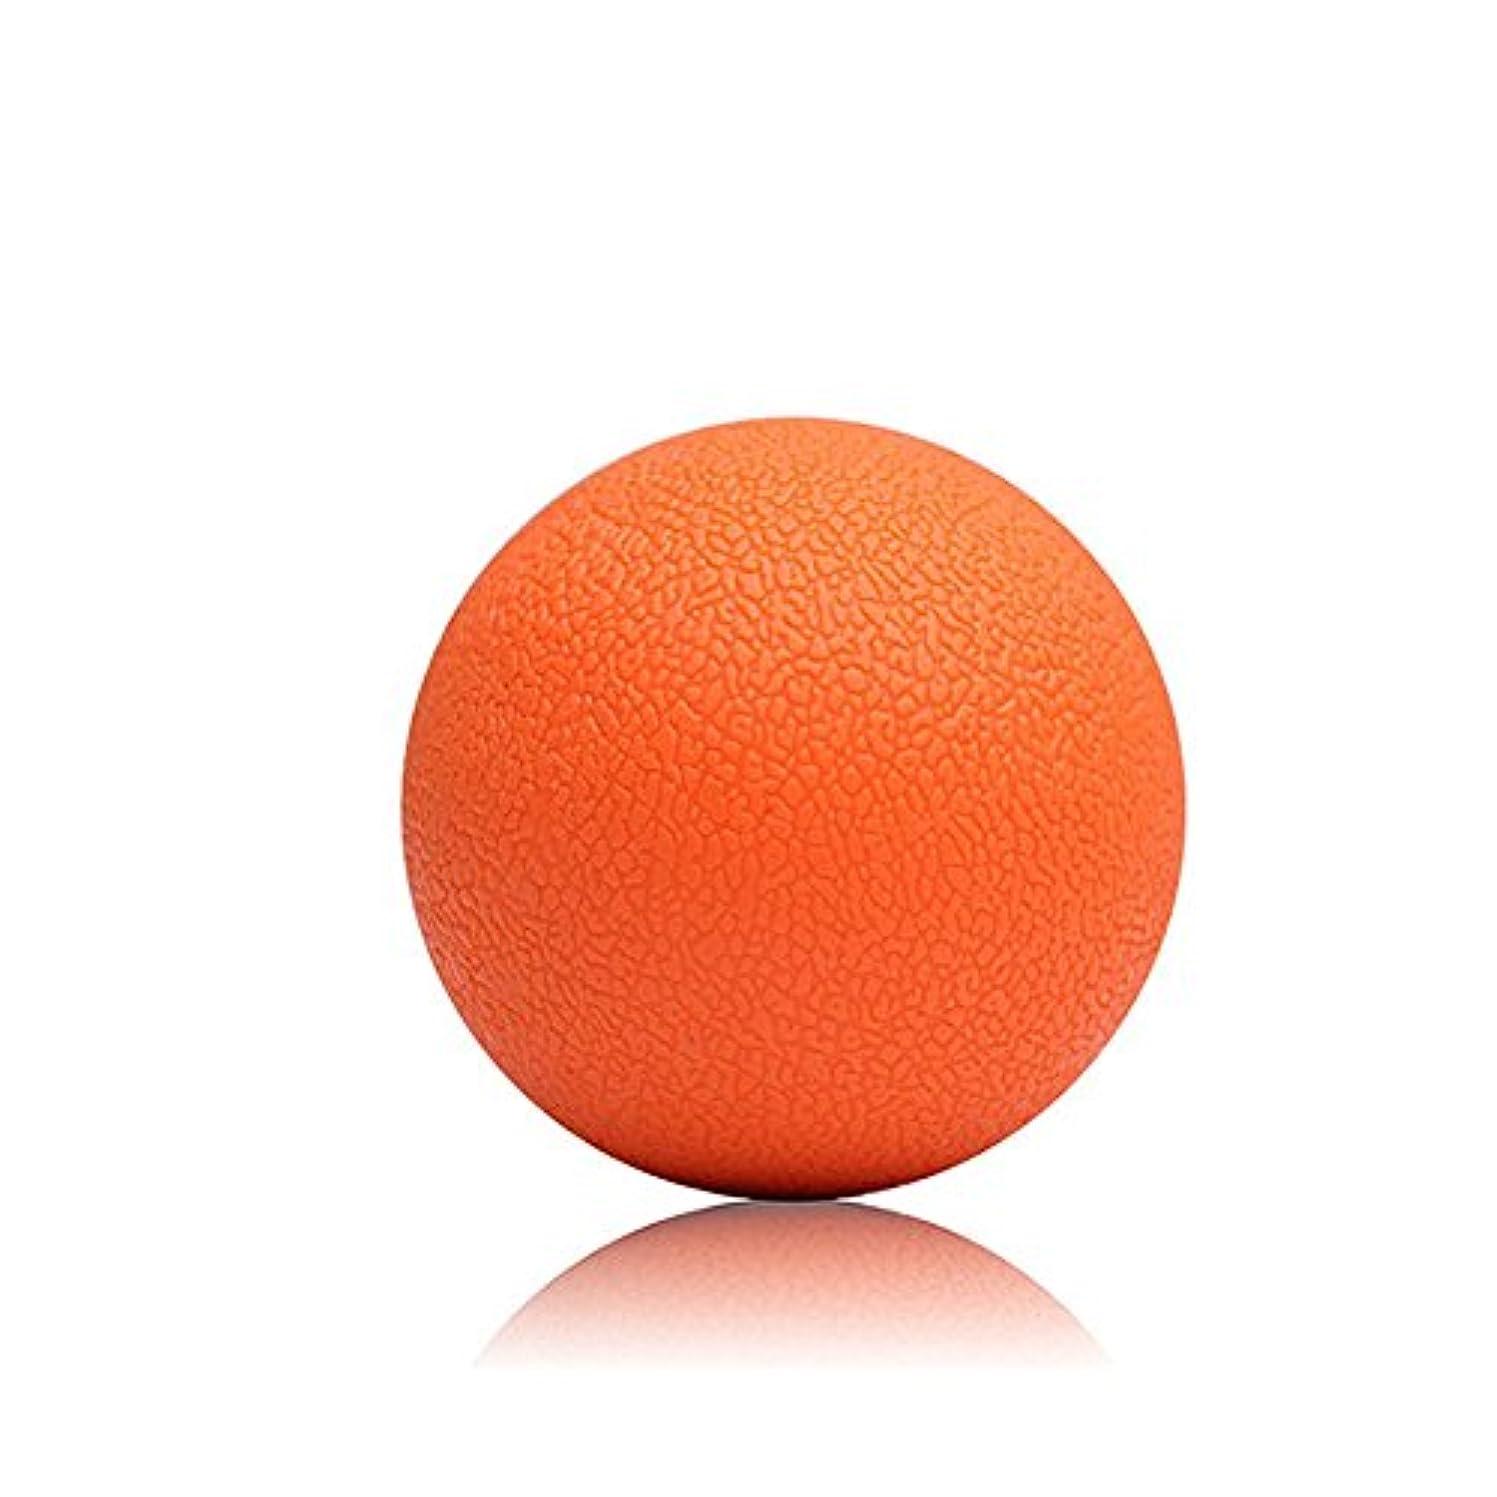 ハンサム称賛大胆不敵マッサージボール 筋膜リリース 指圧ボール 足裏 ふくらはぎ ツボ押しグッズ 健康グッズ